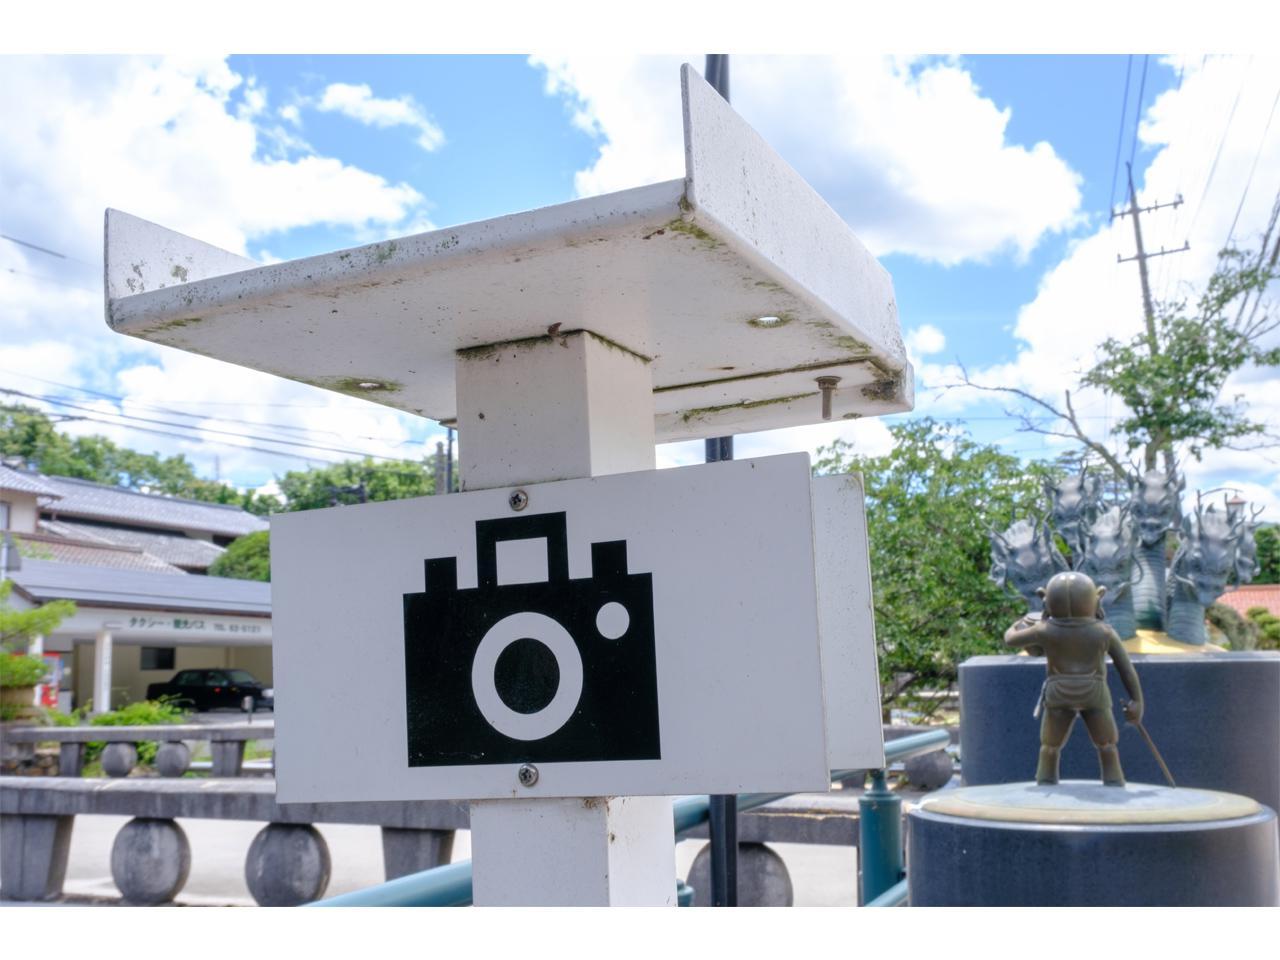 画像: カメラの絵が描かれた置き台から撮影すると、ベストショットが撮影できます。